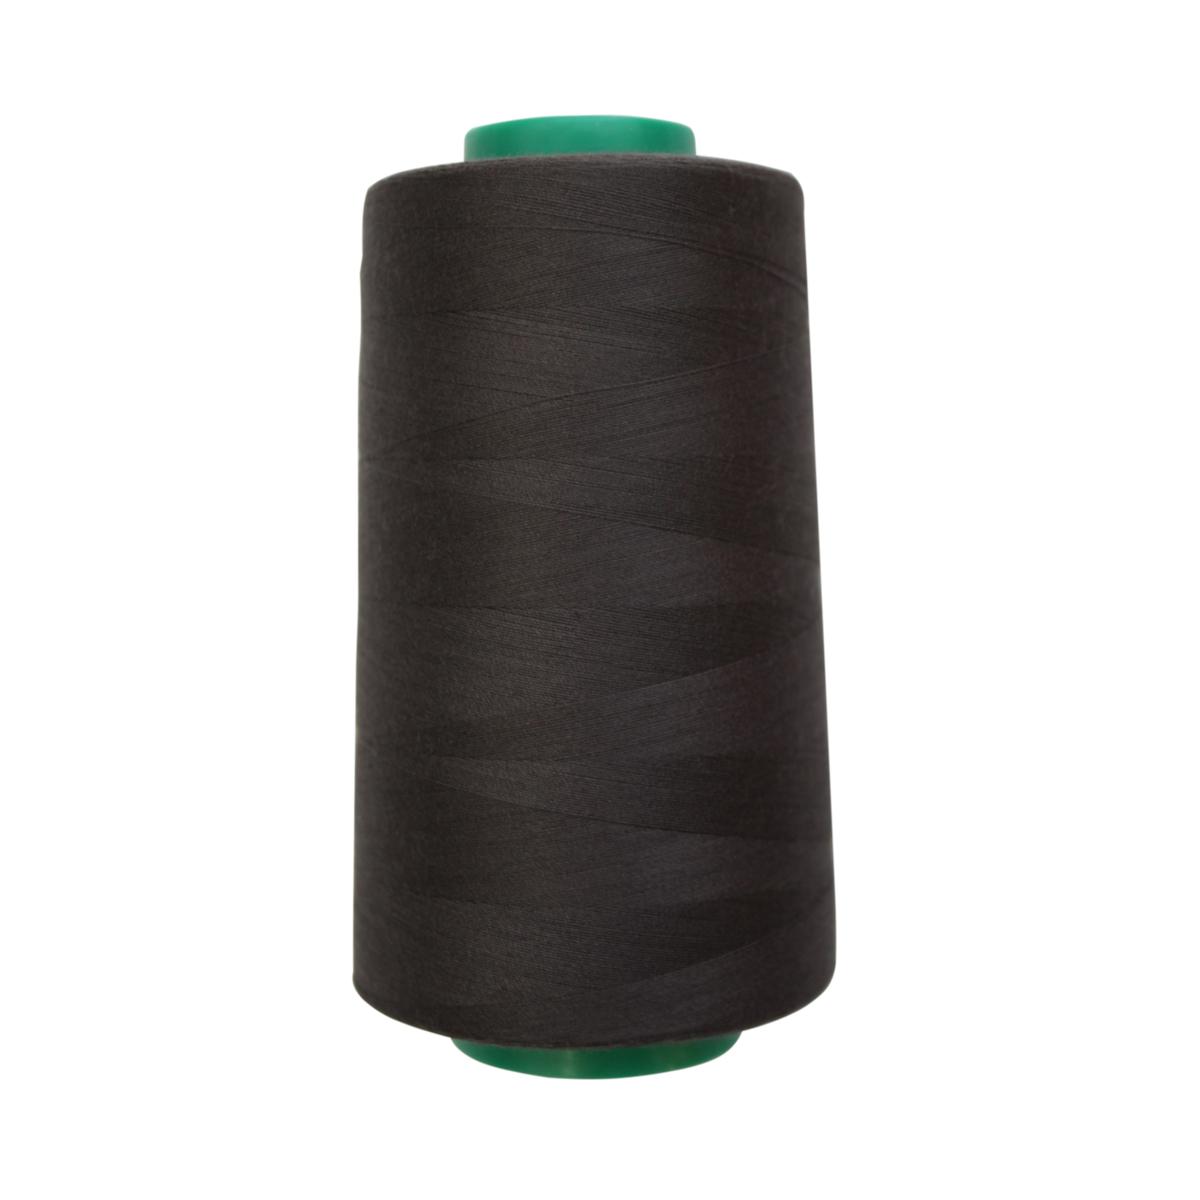 Нитки для шитья Bestex 50/2, 5000 ярд, цвет: т.сажа (180)7700936-180Сфера использования: трикотаж; ткани малого веса; оверлочные швы; отделка краев; вышивка. Размер игл №70-80